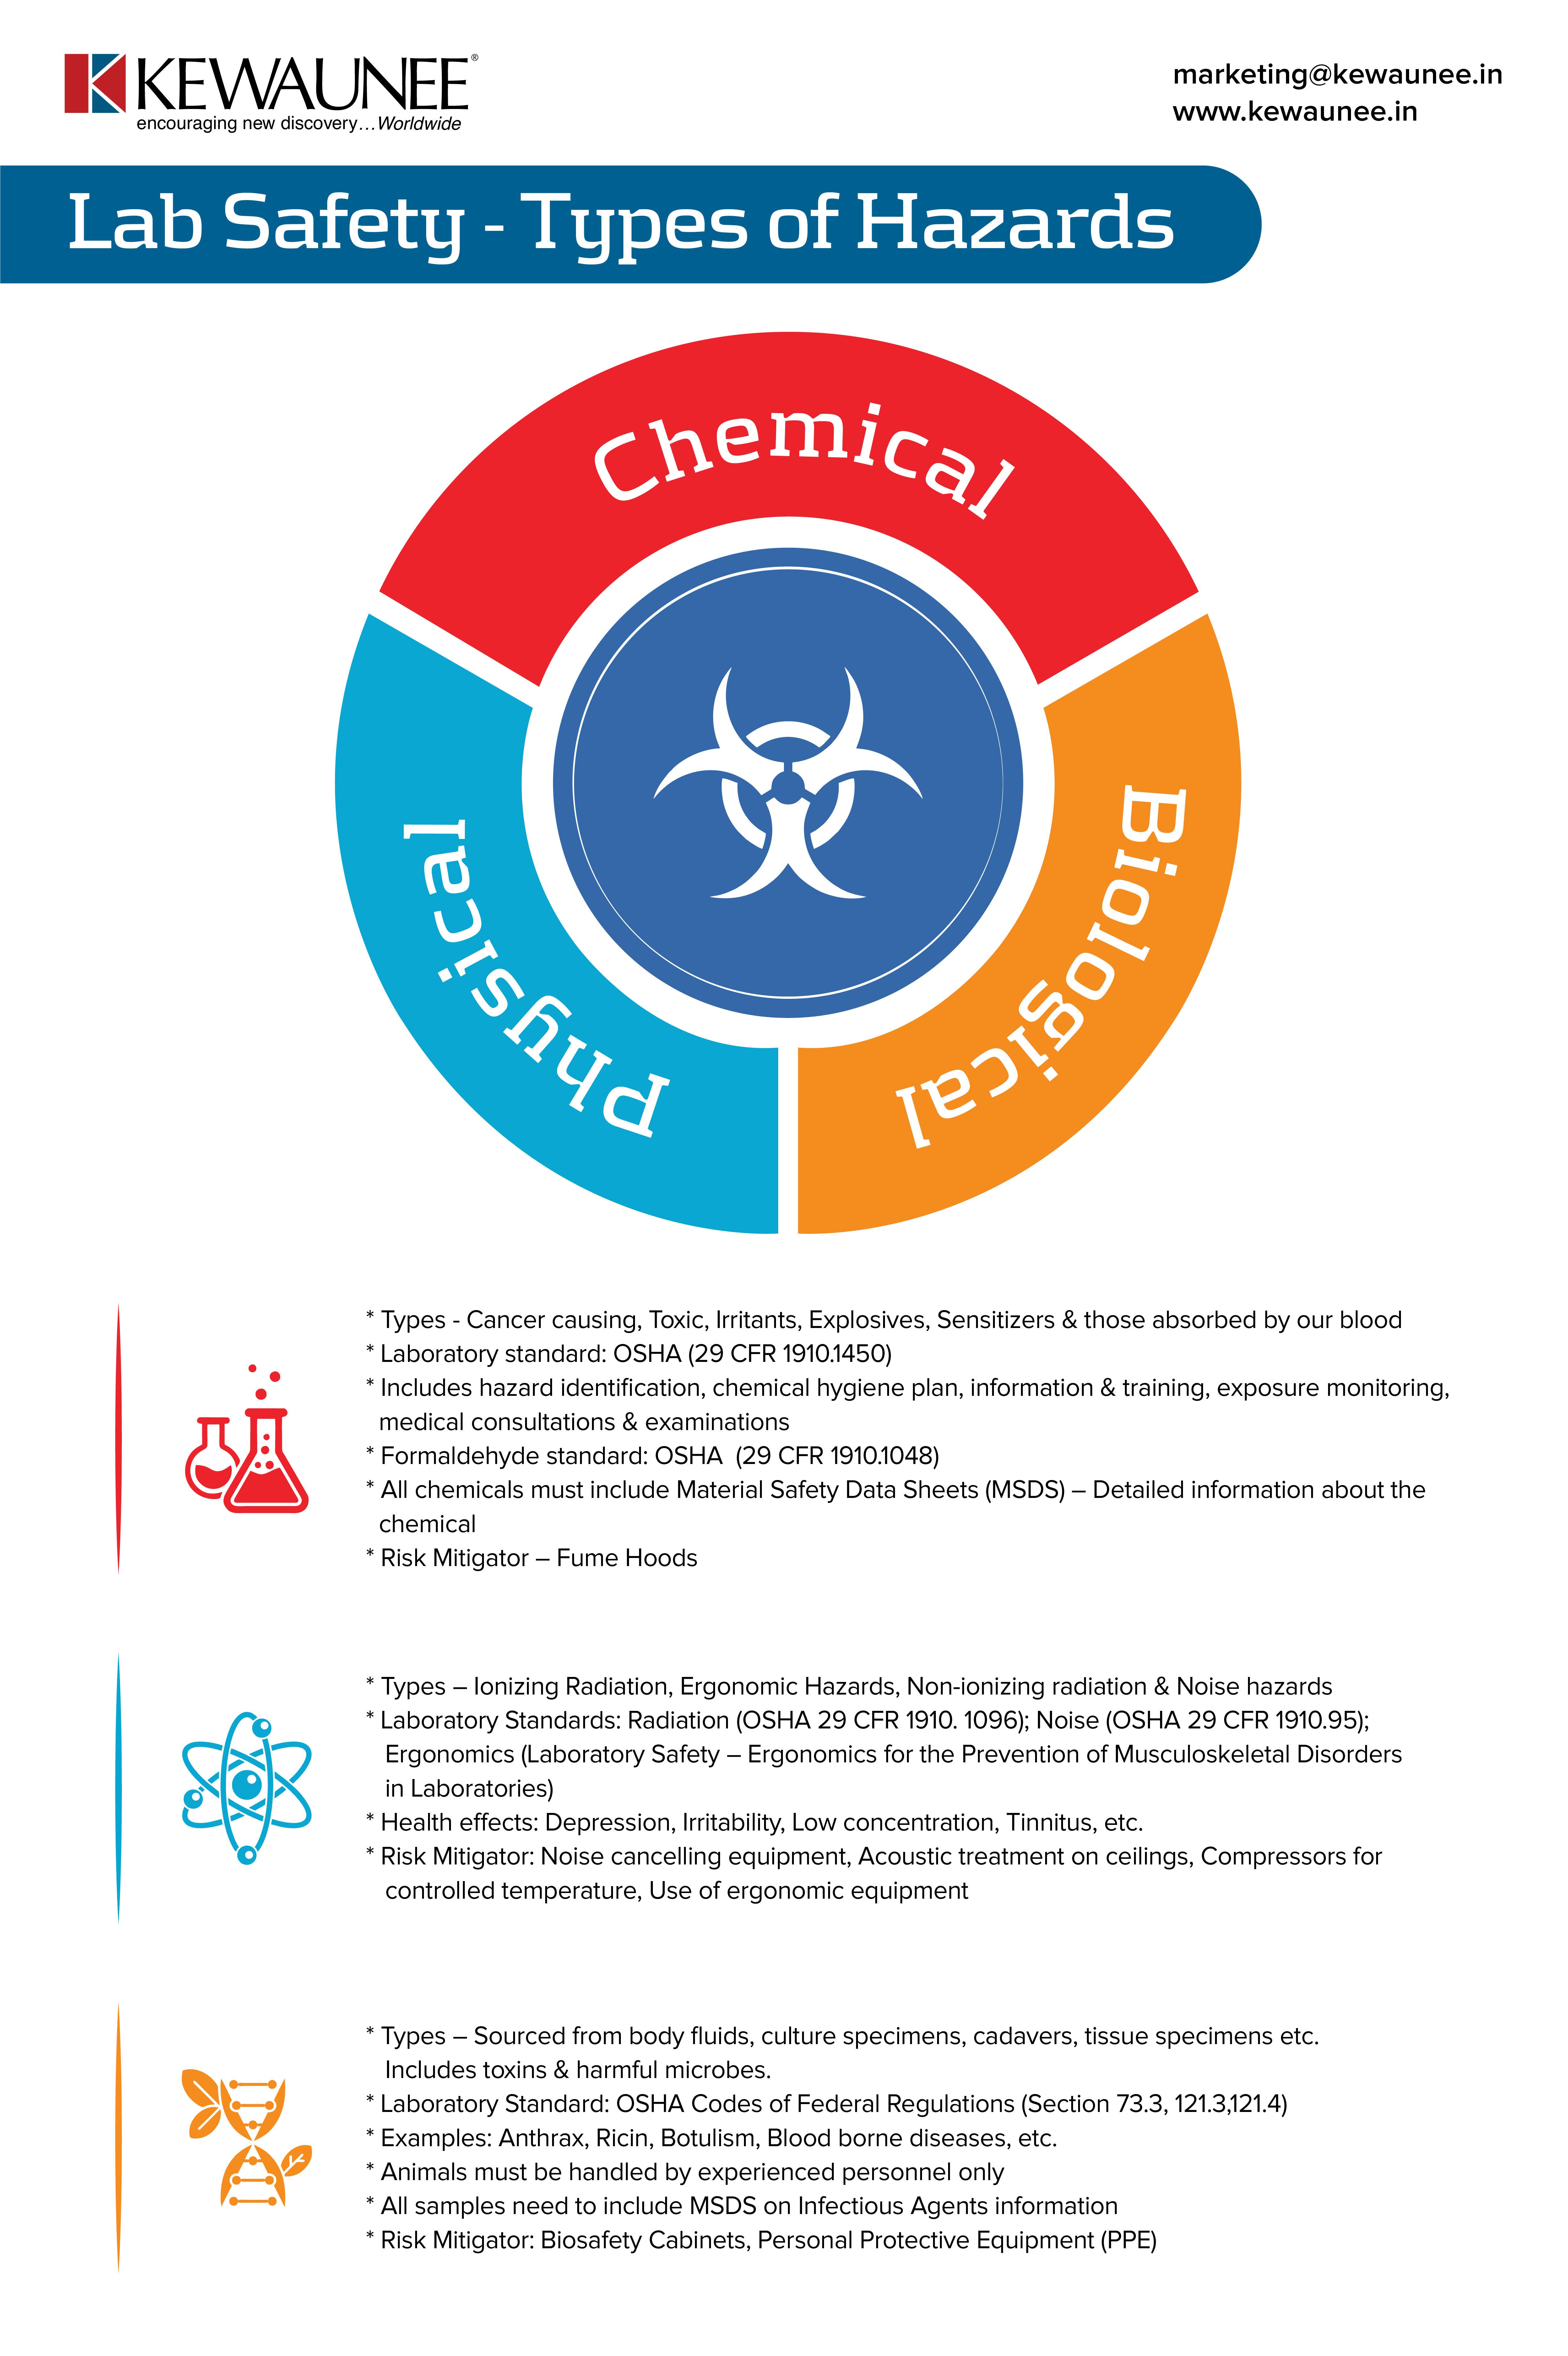 Lab Safety - Types of Hazards